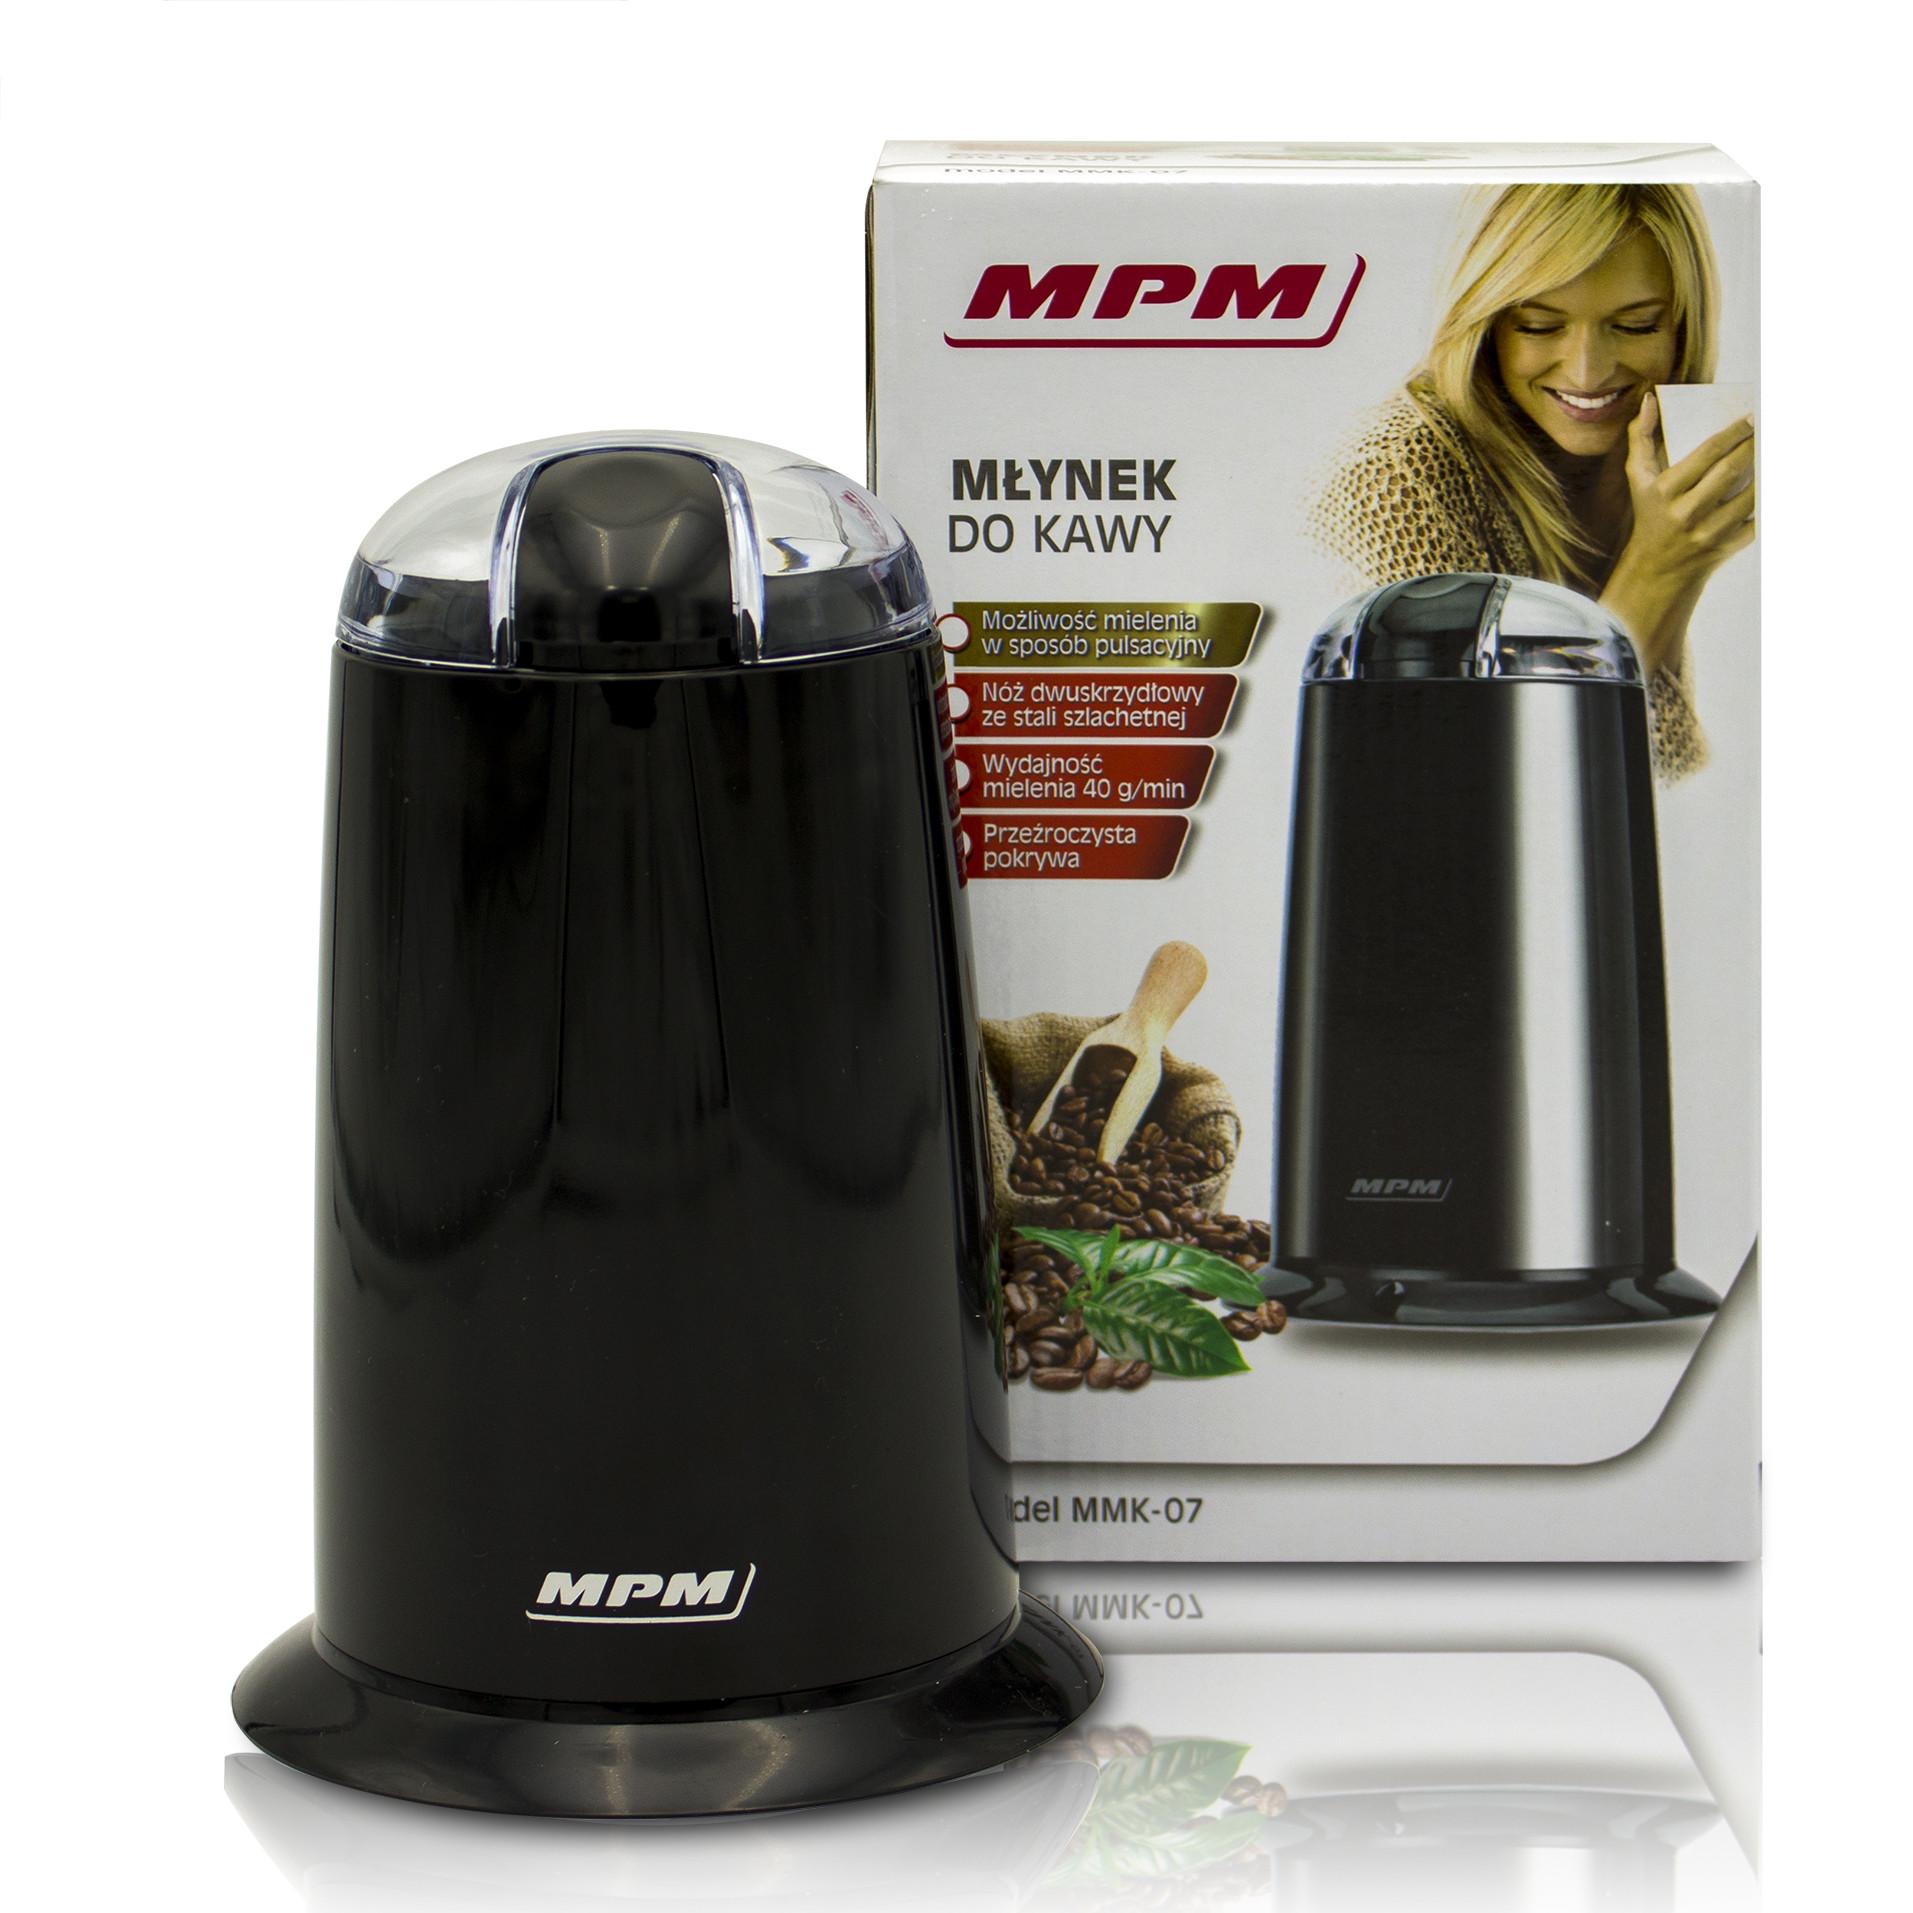 MPM MMK-07/C Molinillo café eléctrico pequeño, semillas especias y frutos secos, cuchilla doble acero inoxidable, 40g/min. capacidad 40g , 140W